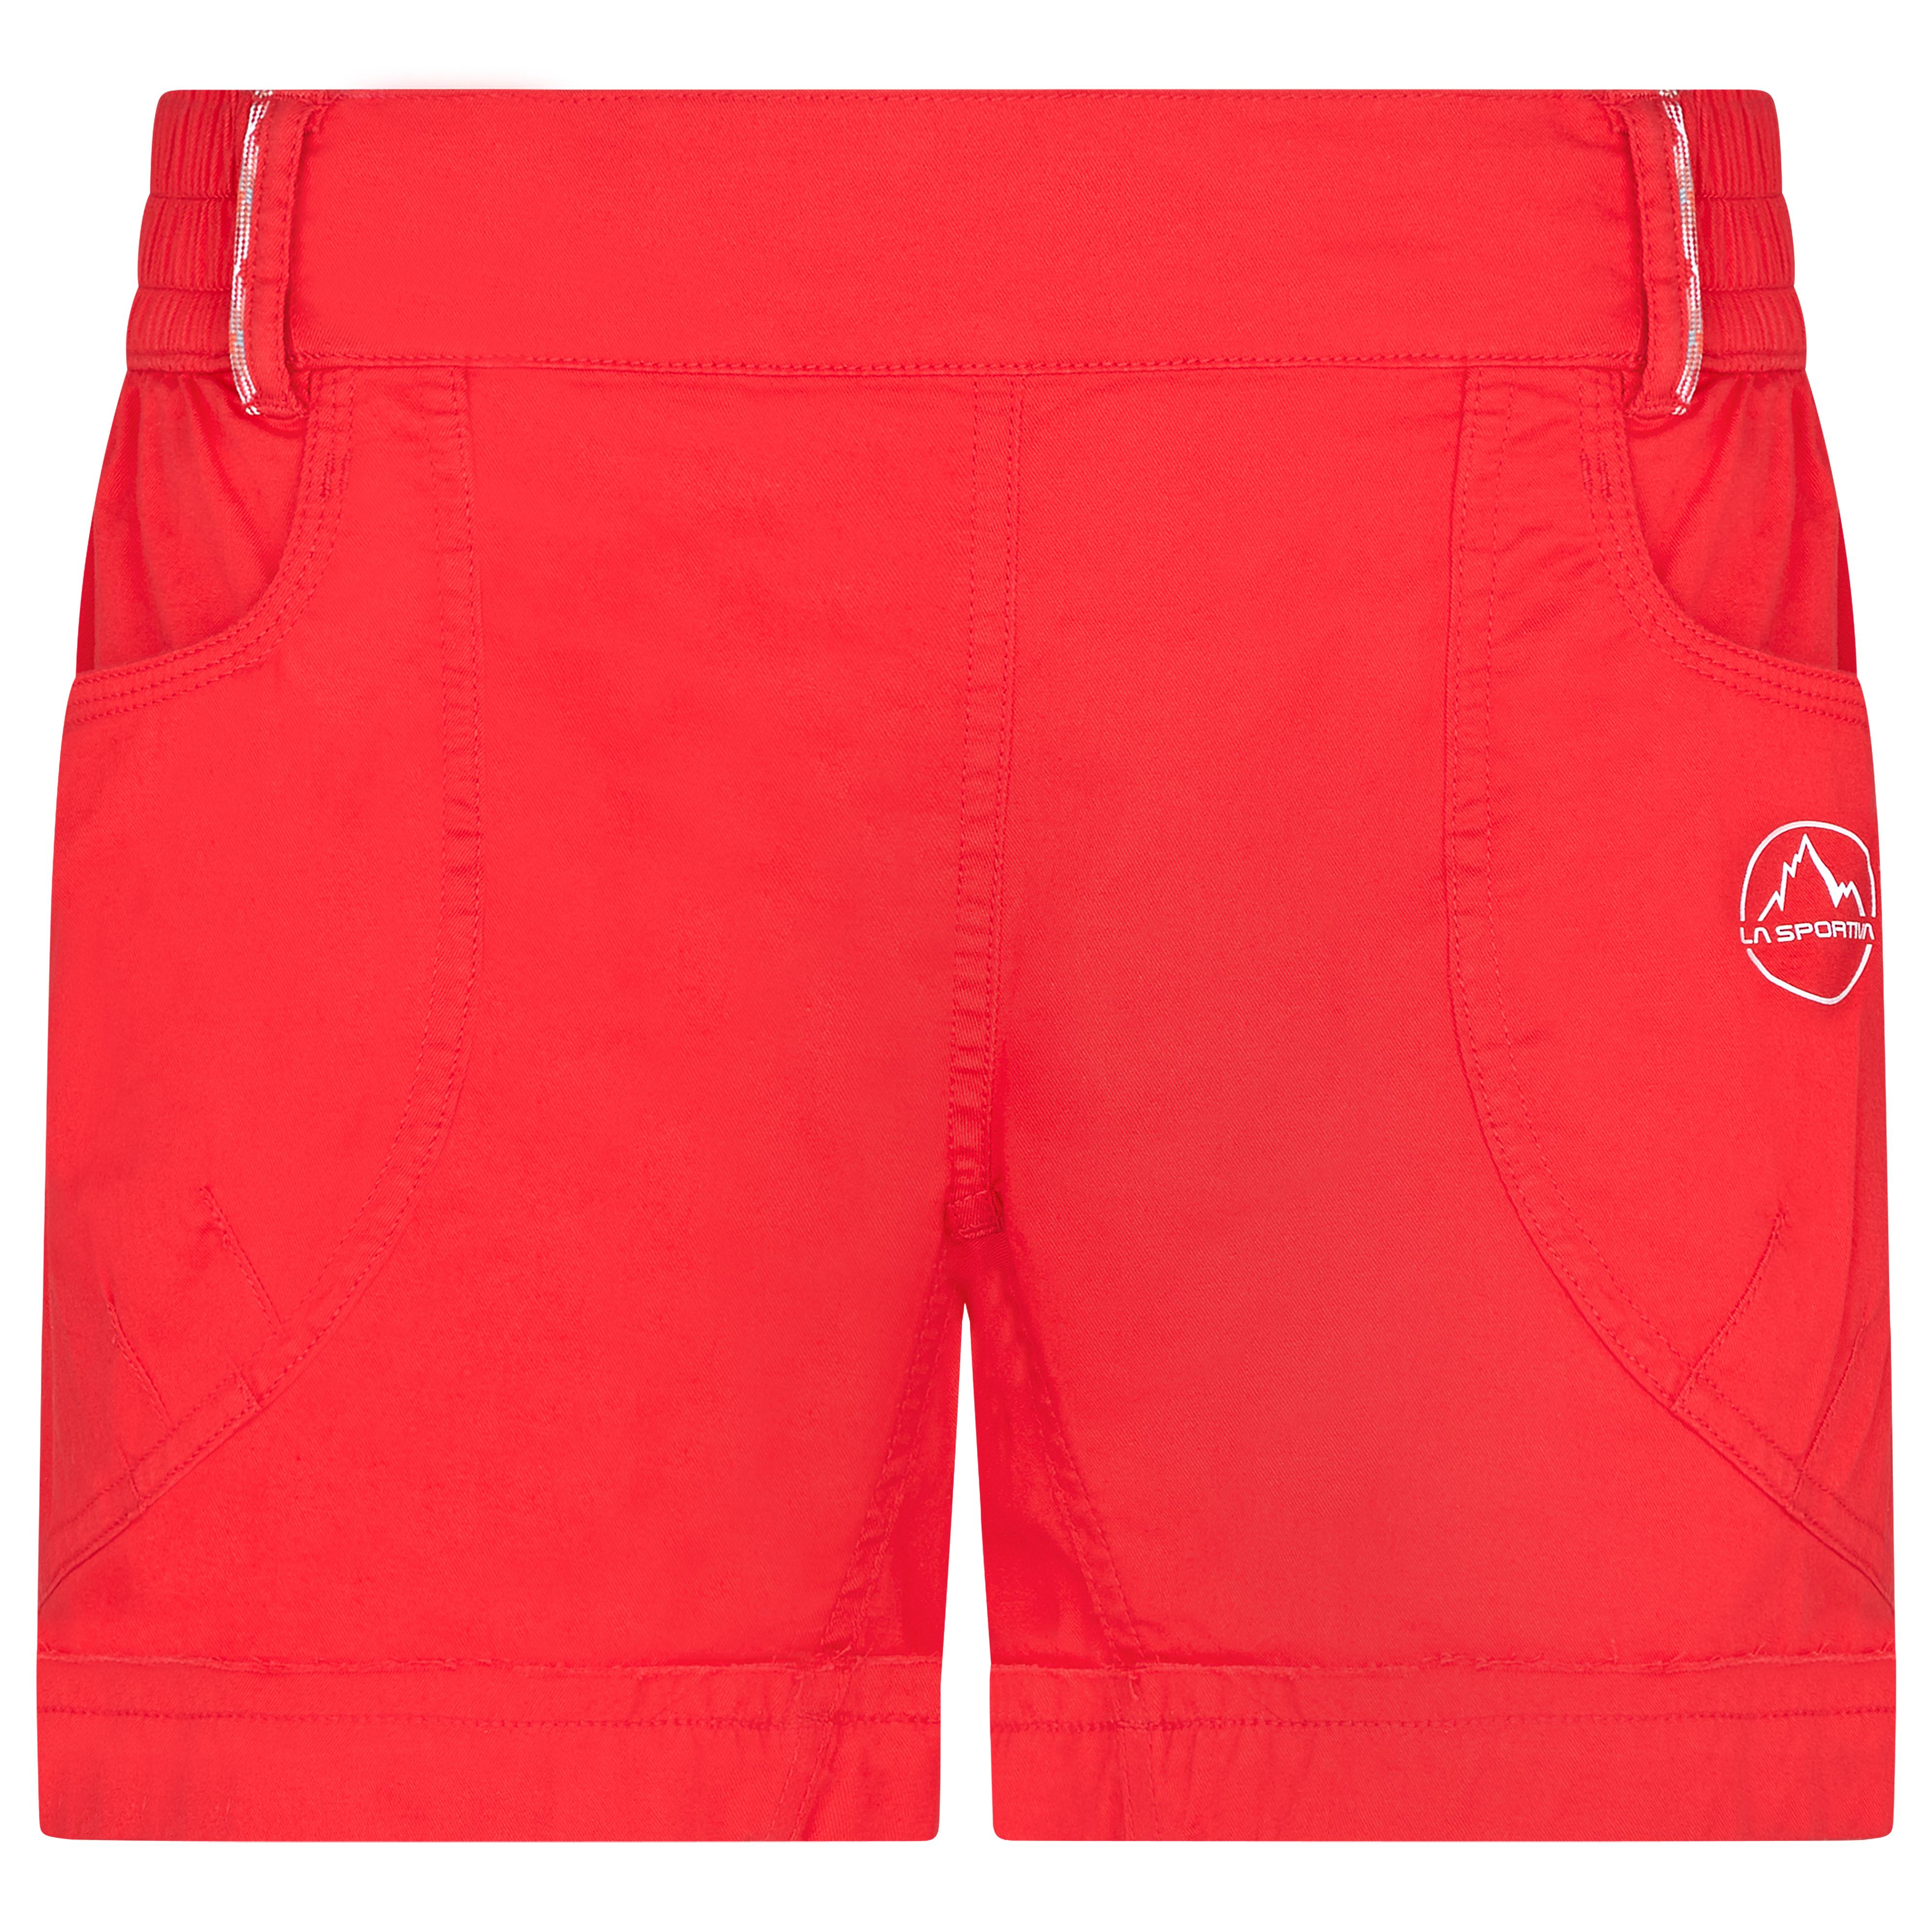 LasportivaEscape Shorts